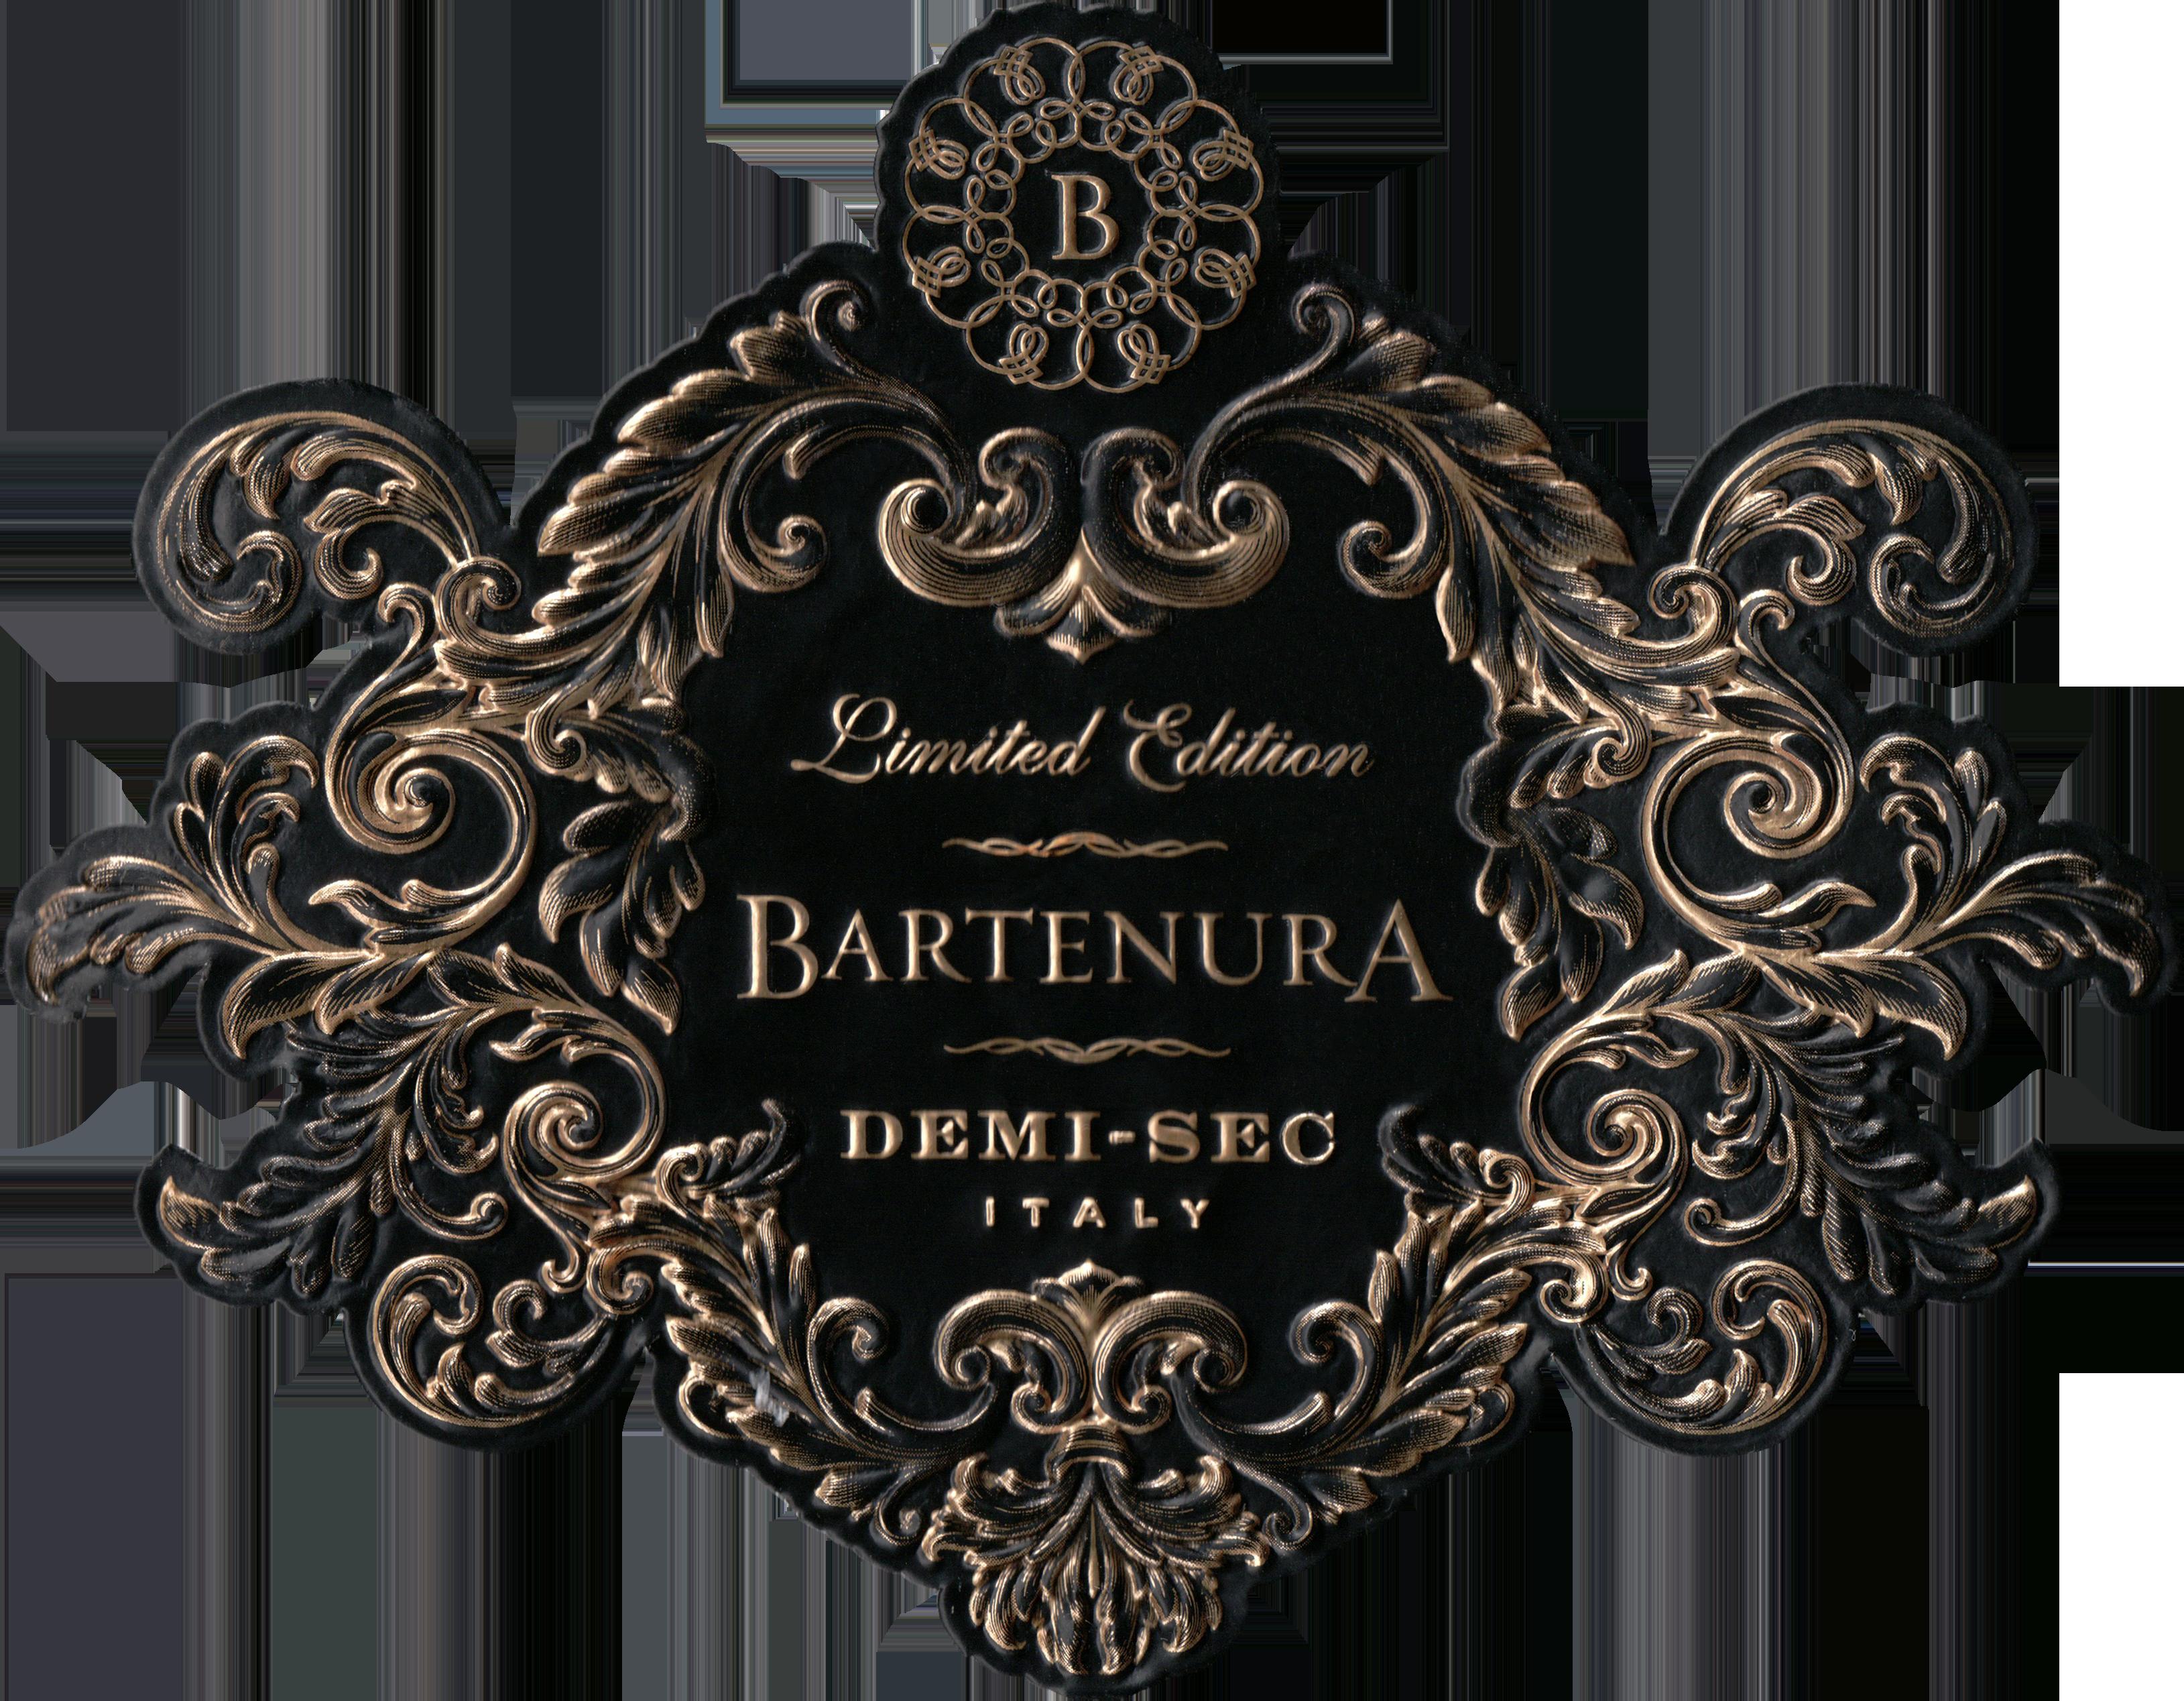 Bartenura Demi Sec